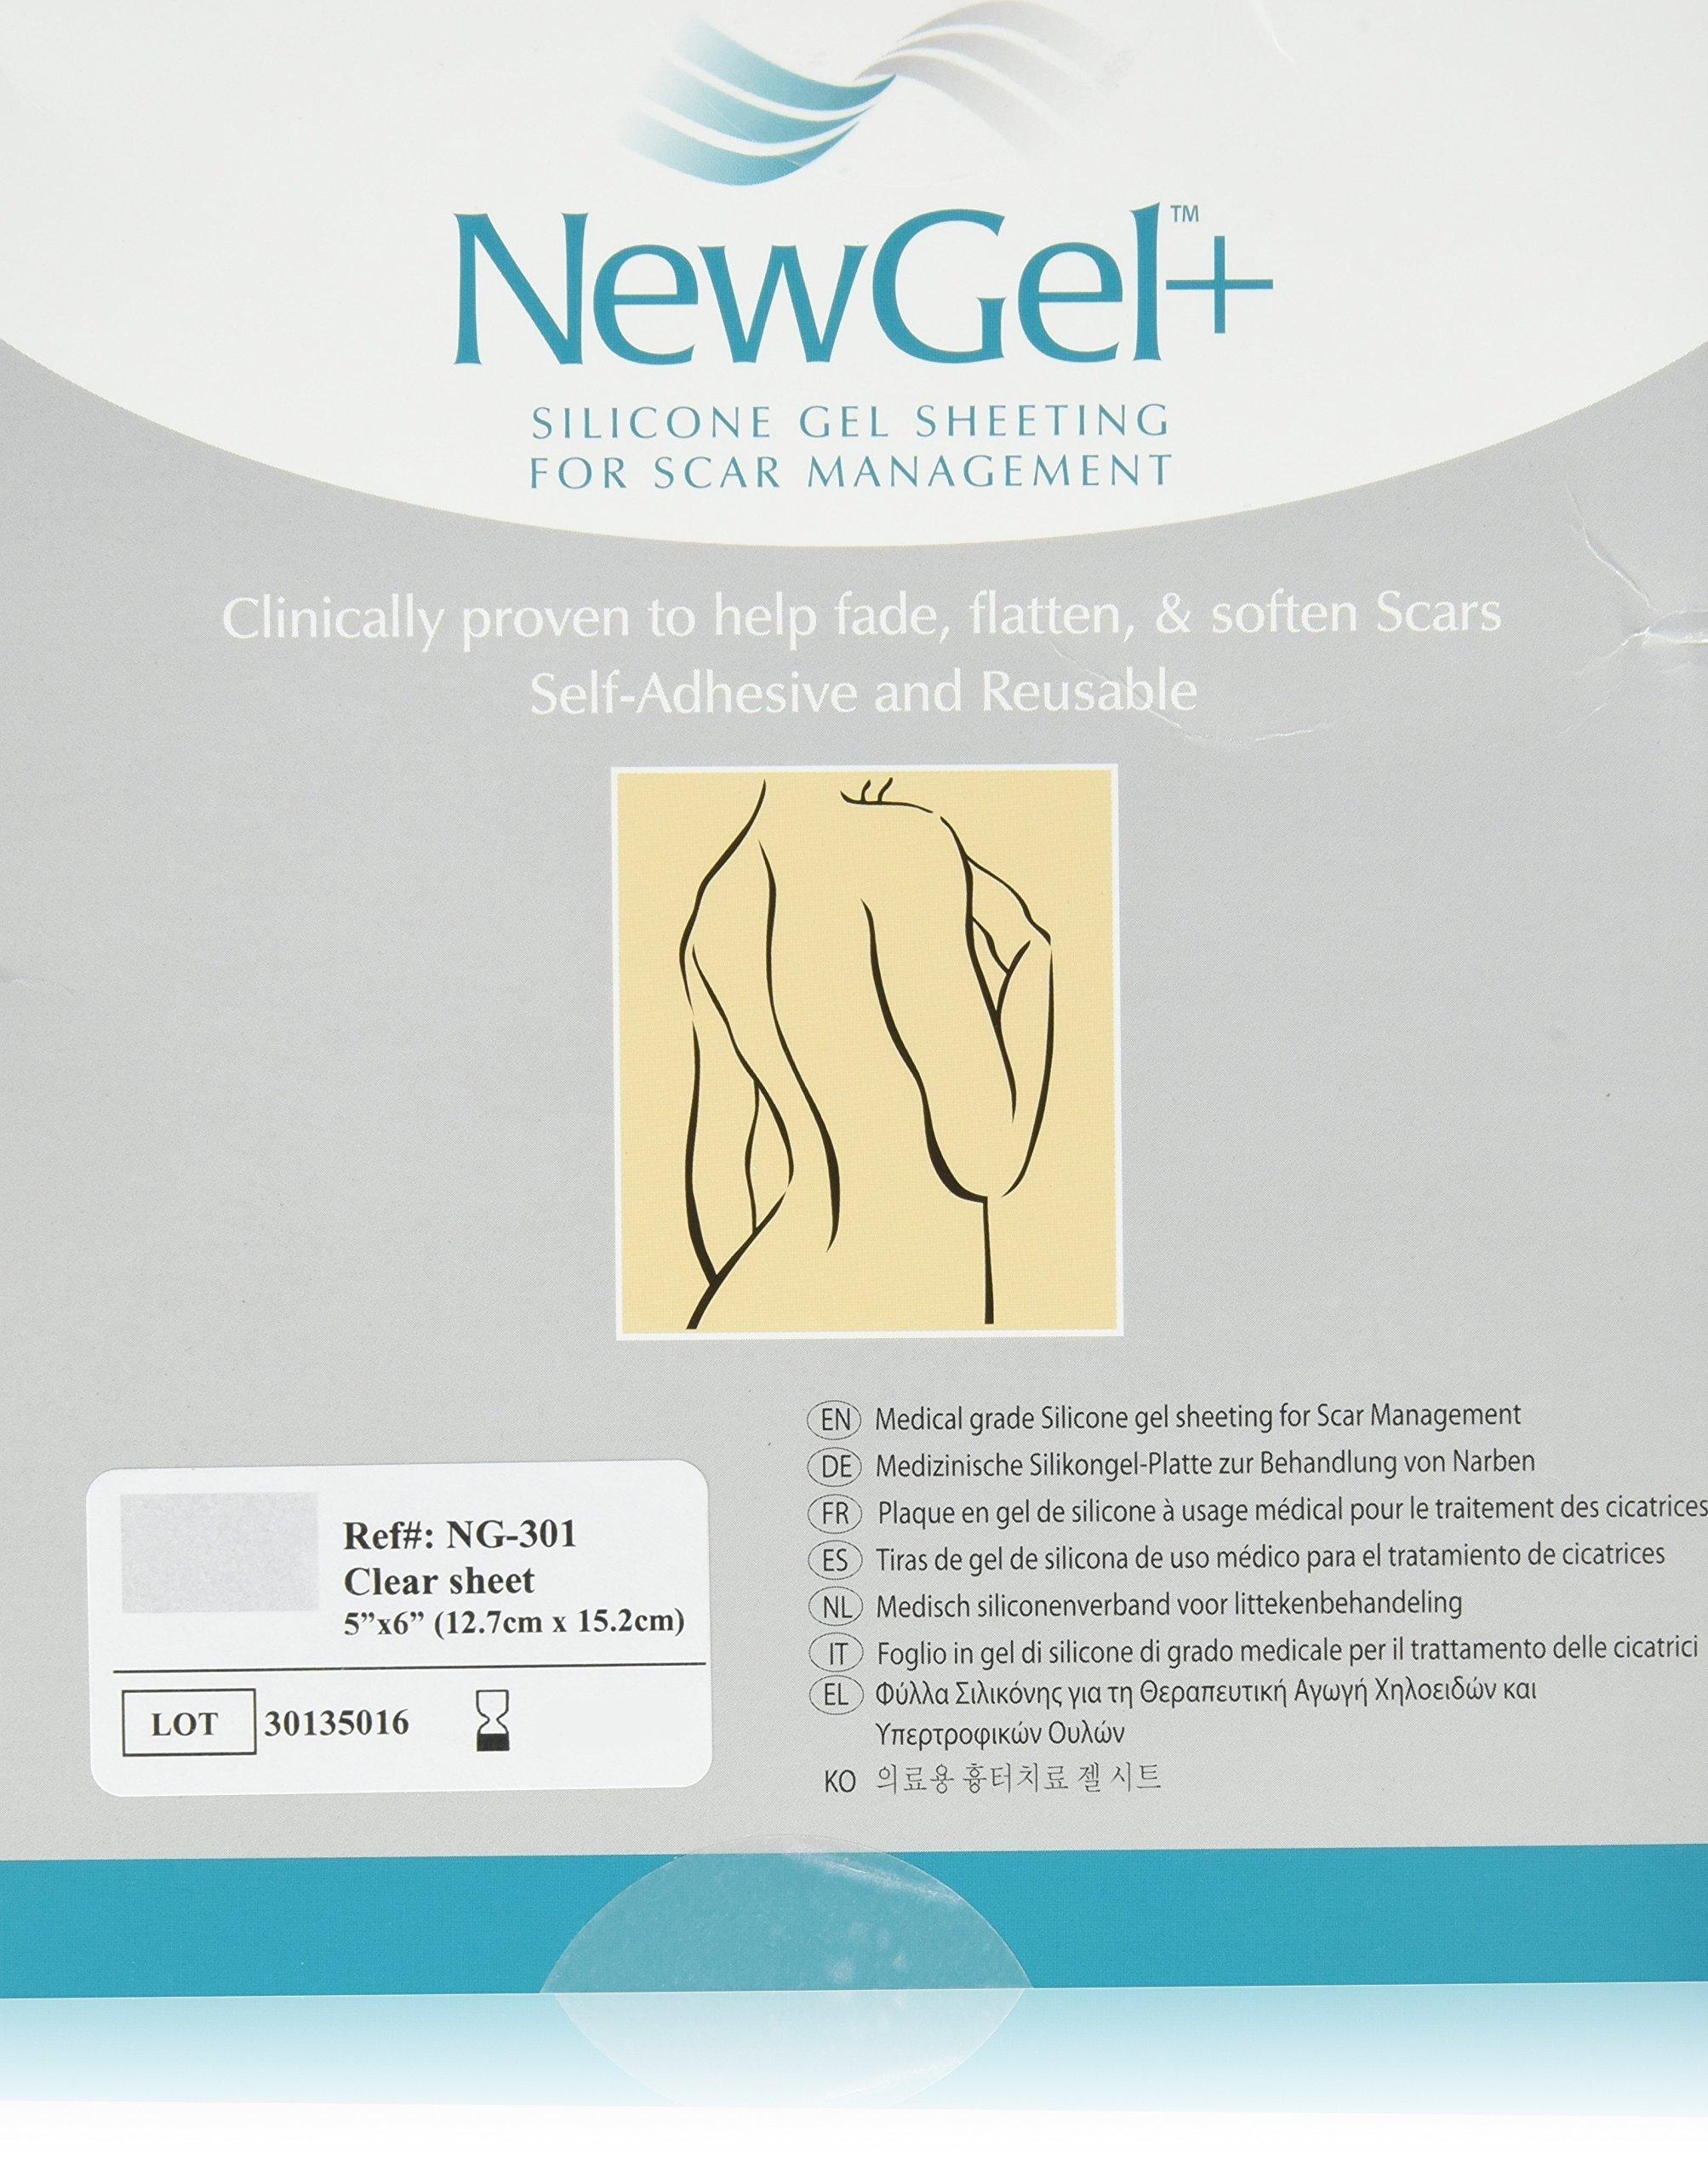 NewGel+ Silicone Gel Sheeting for Scar Management - 5inch x 6inch Sheet Clear (1 per box)